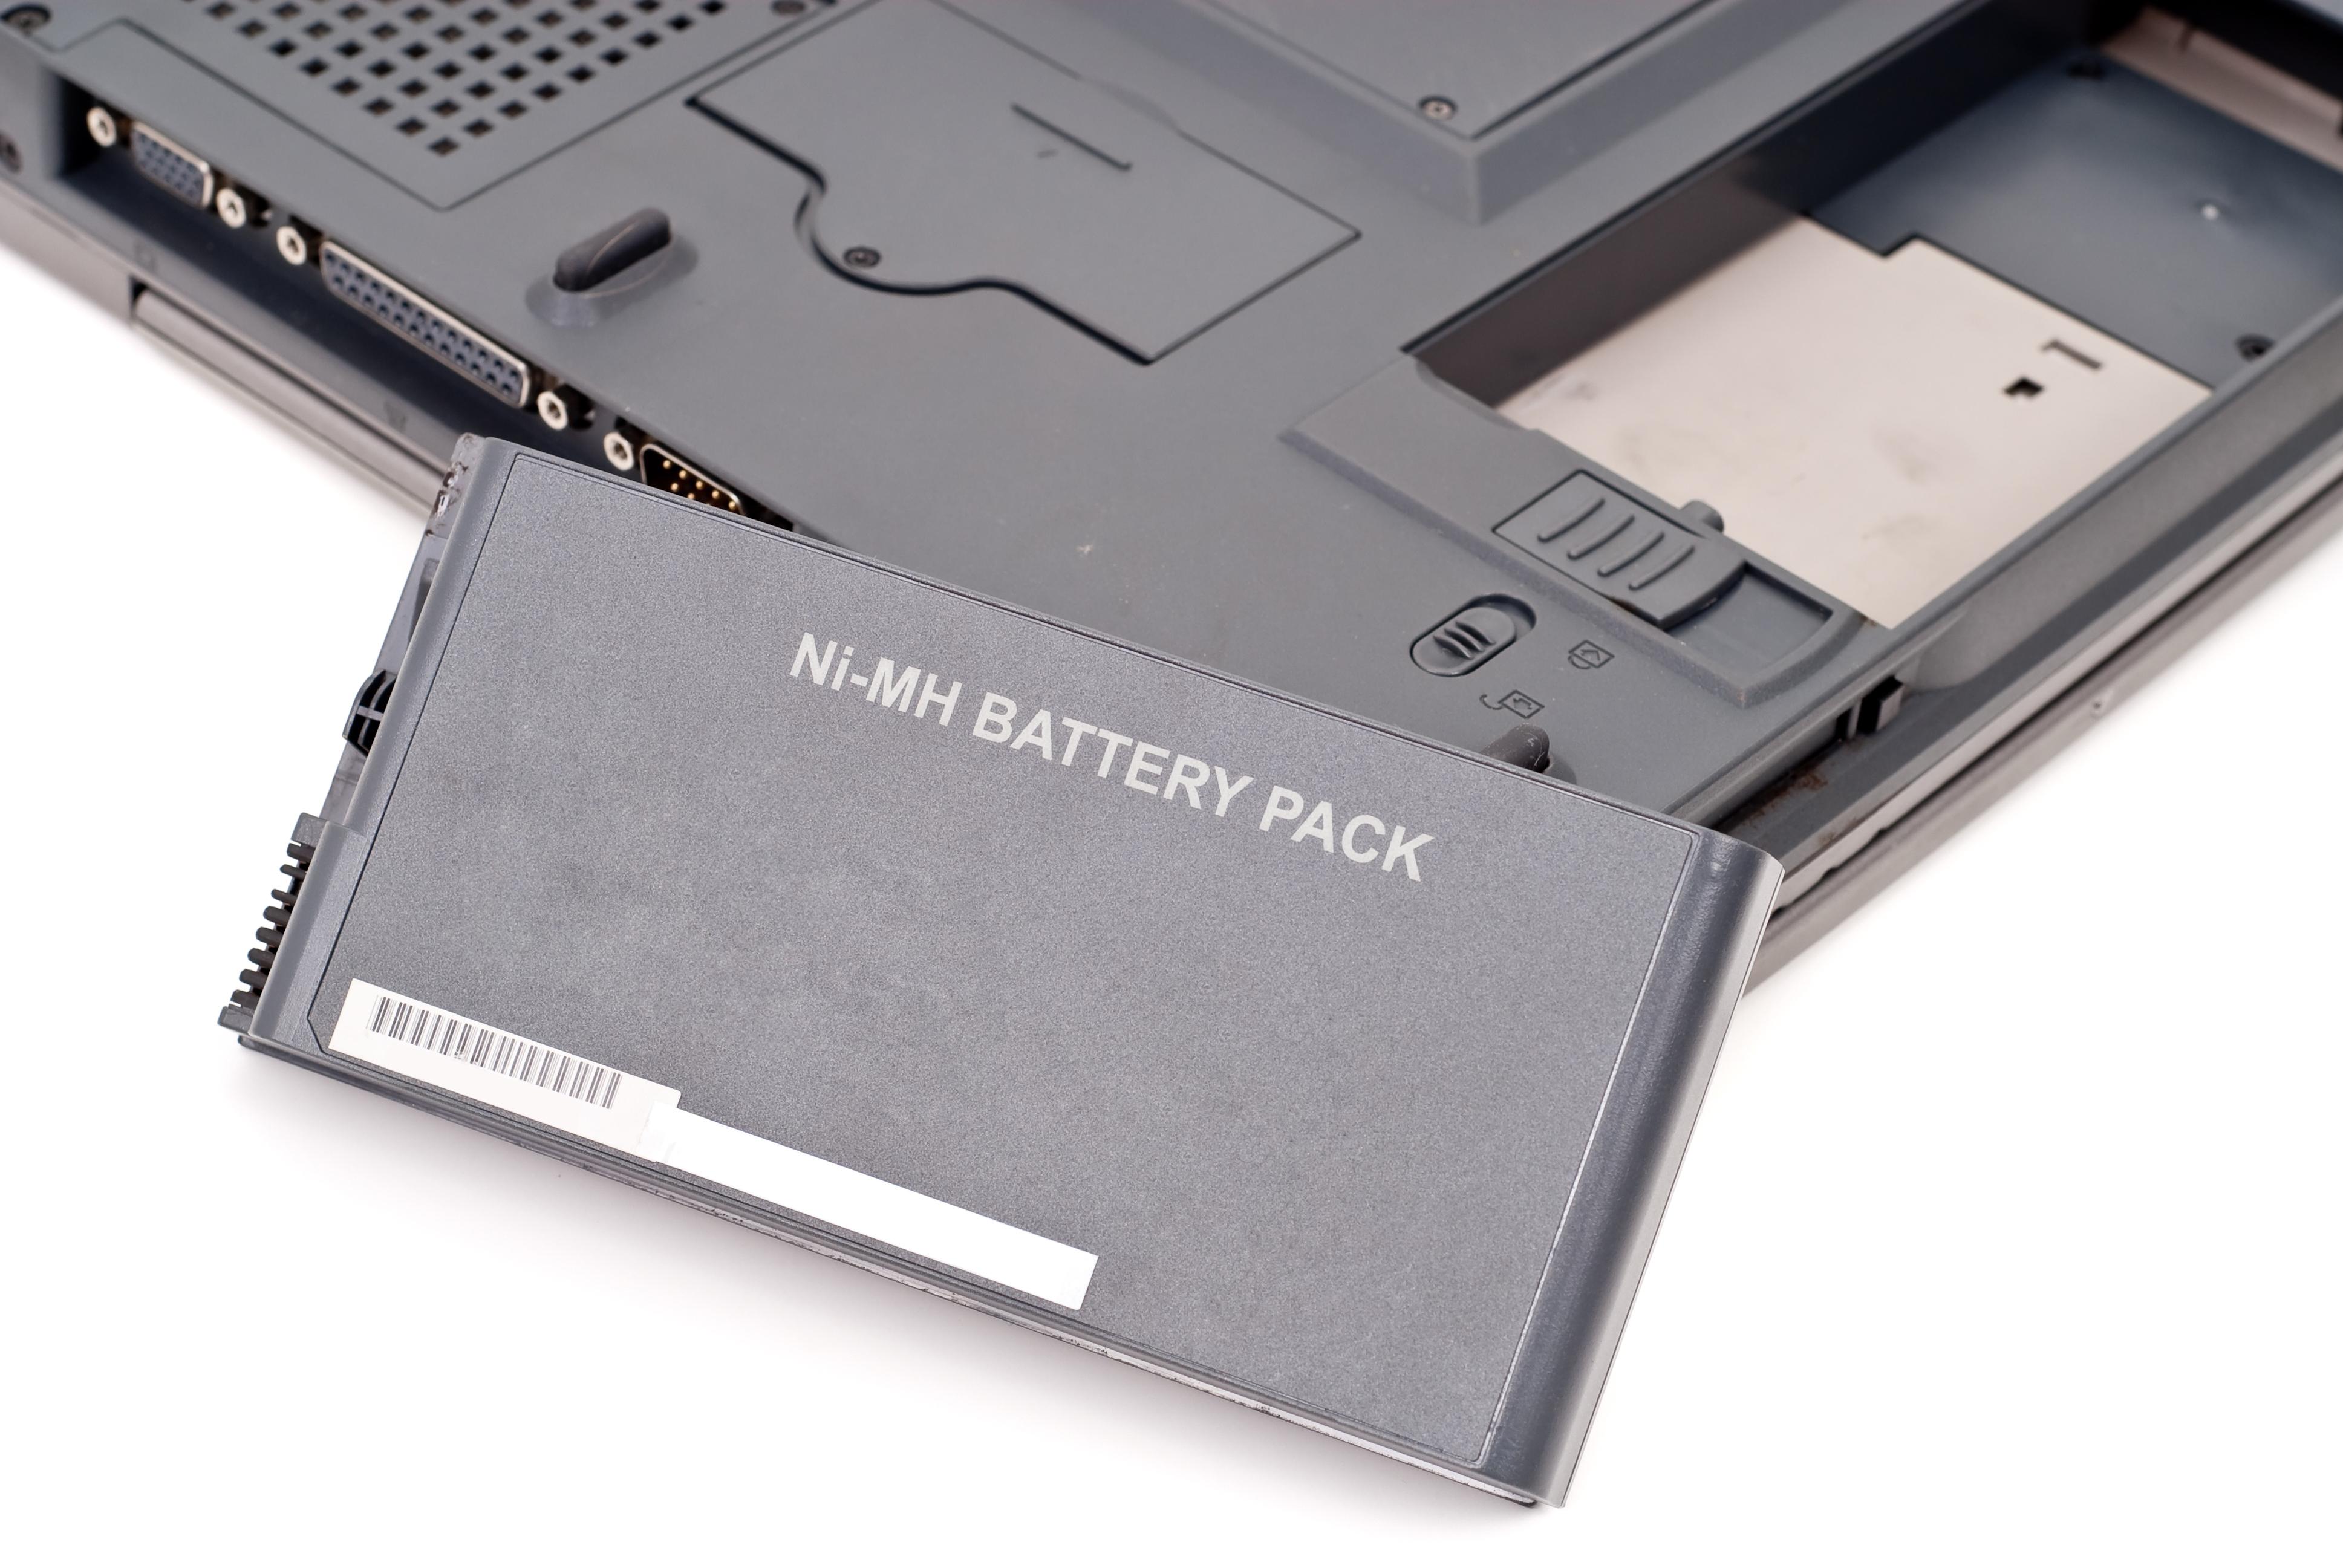 É aconselhável desconectar o carregador de bateria do notebook?